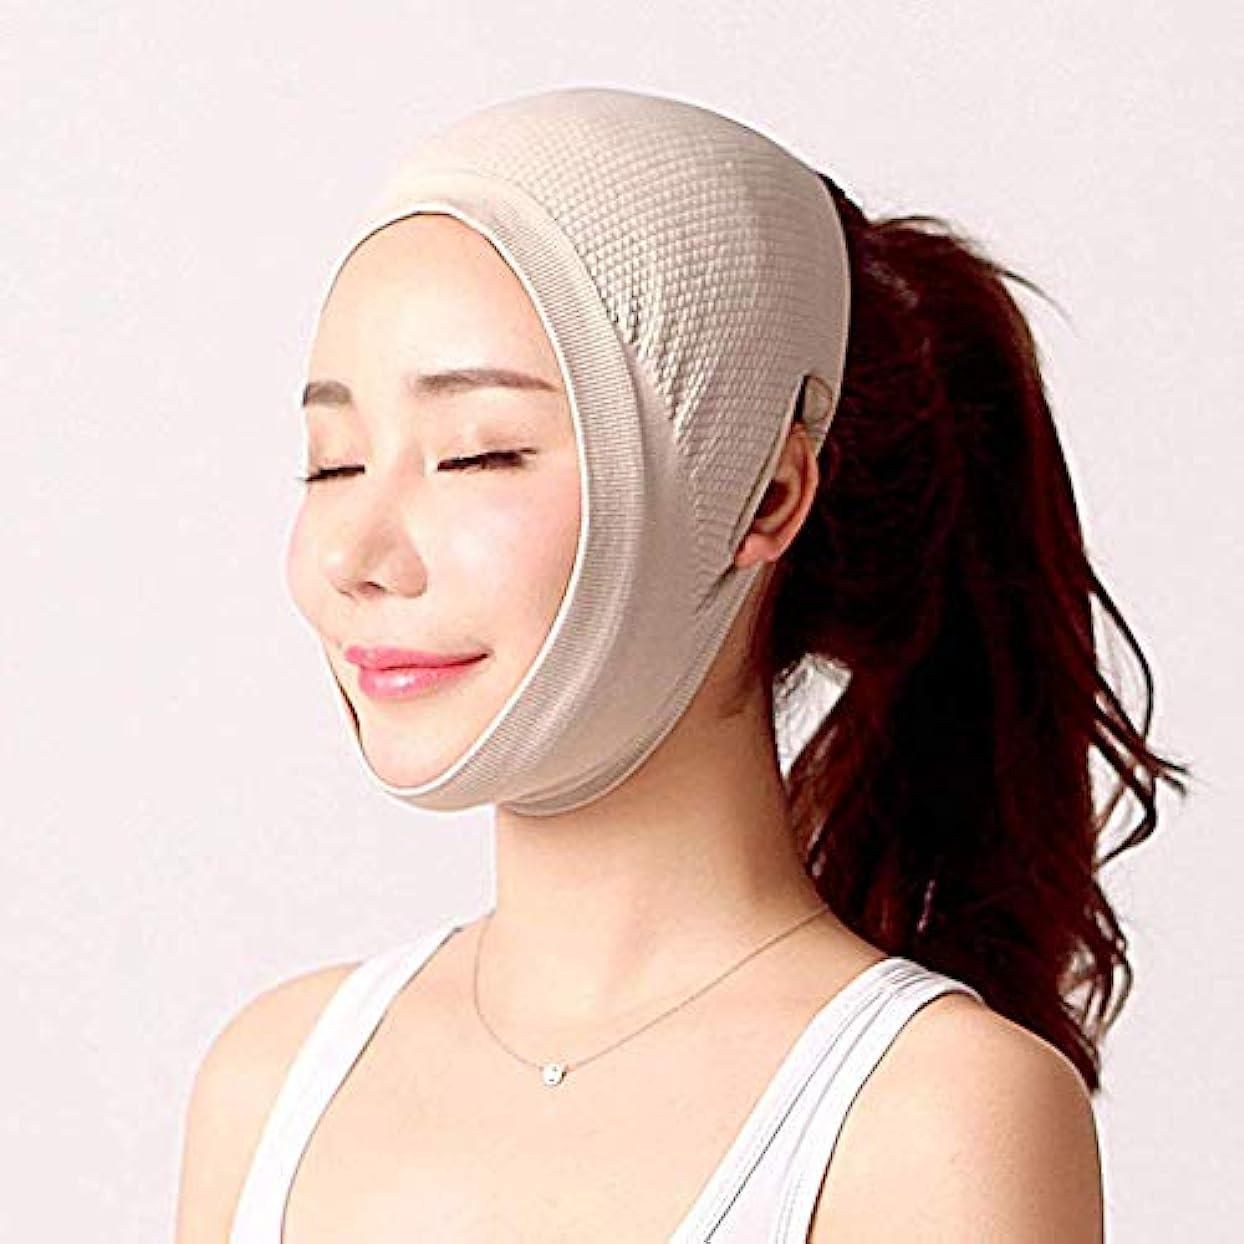 ポーターレイアエスカレートフェイスリフトマスク、Vリフトフェイスフェイスリフト包帯痩身あご頬マスク顔/Vフェイスラインフルフェイス痩身/二重あご通気性